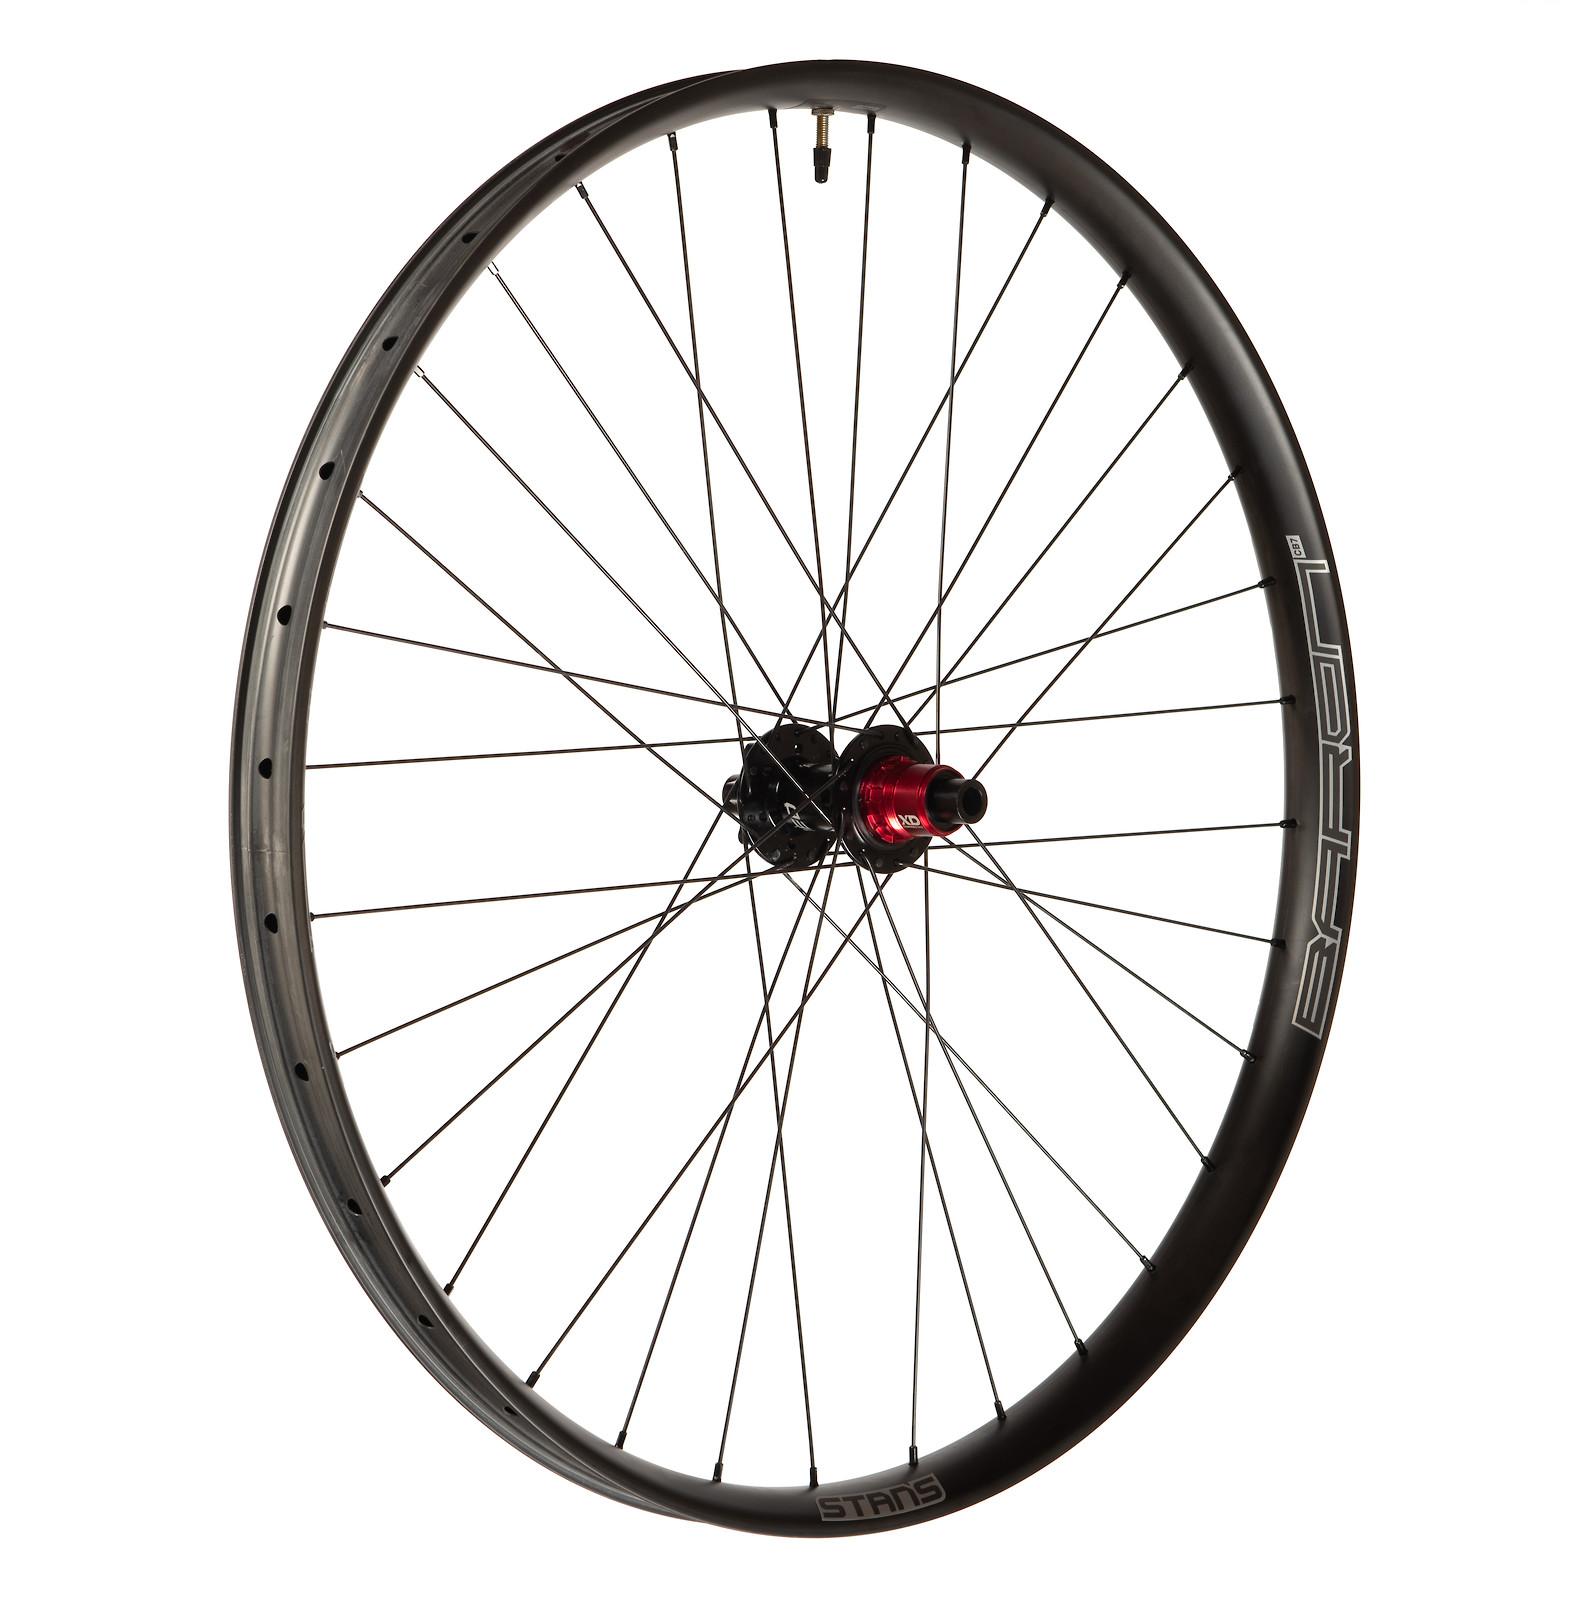 Baron CB7 rear wheel